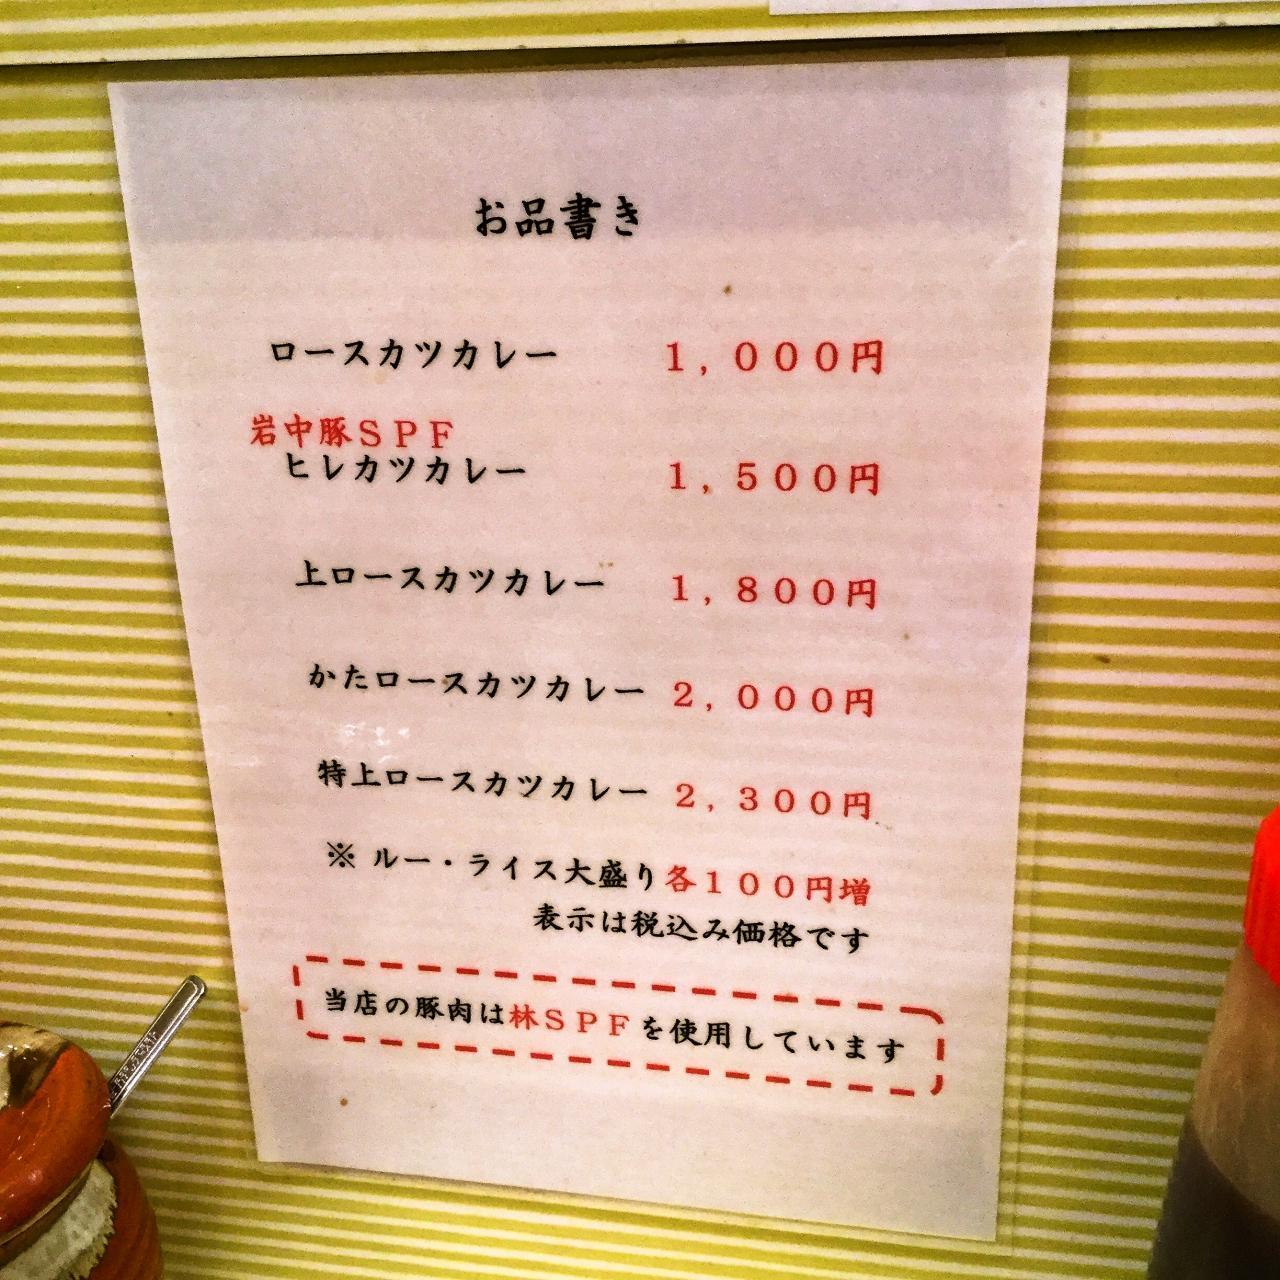 とんかつ檍のカレー屋いっぺこっぺ(店内)